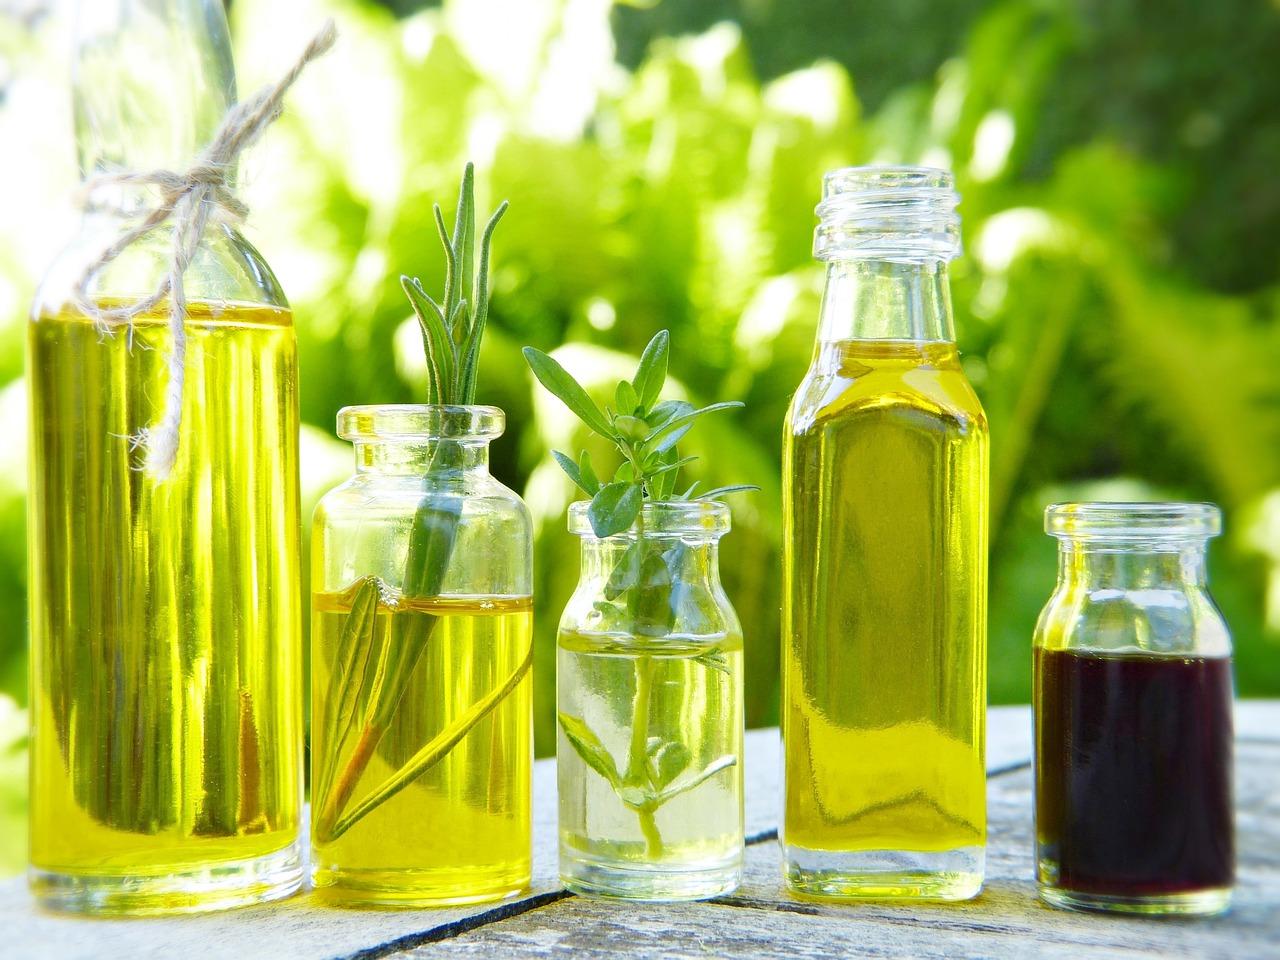 様々な食用油のボトル